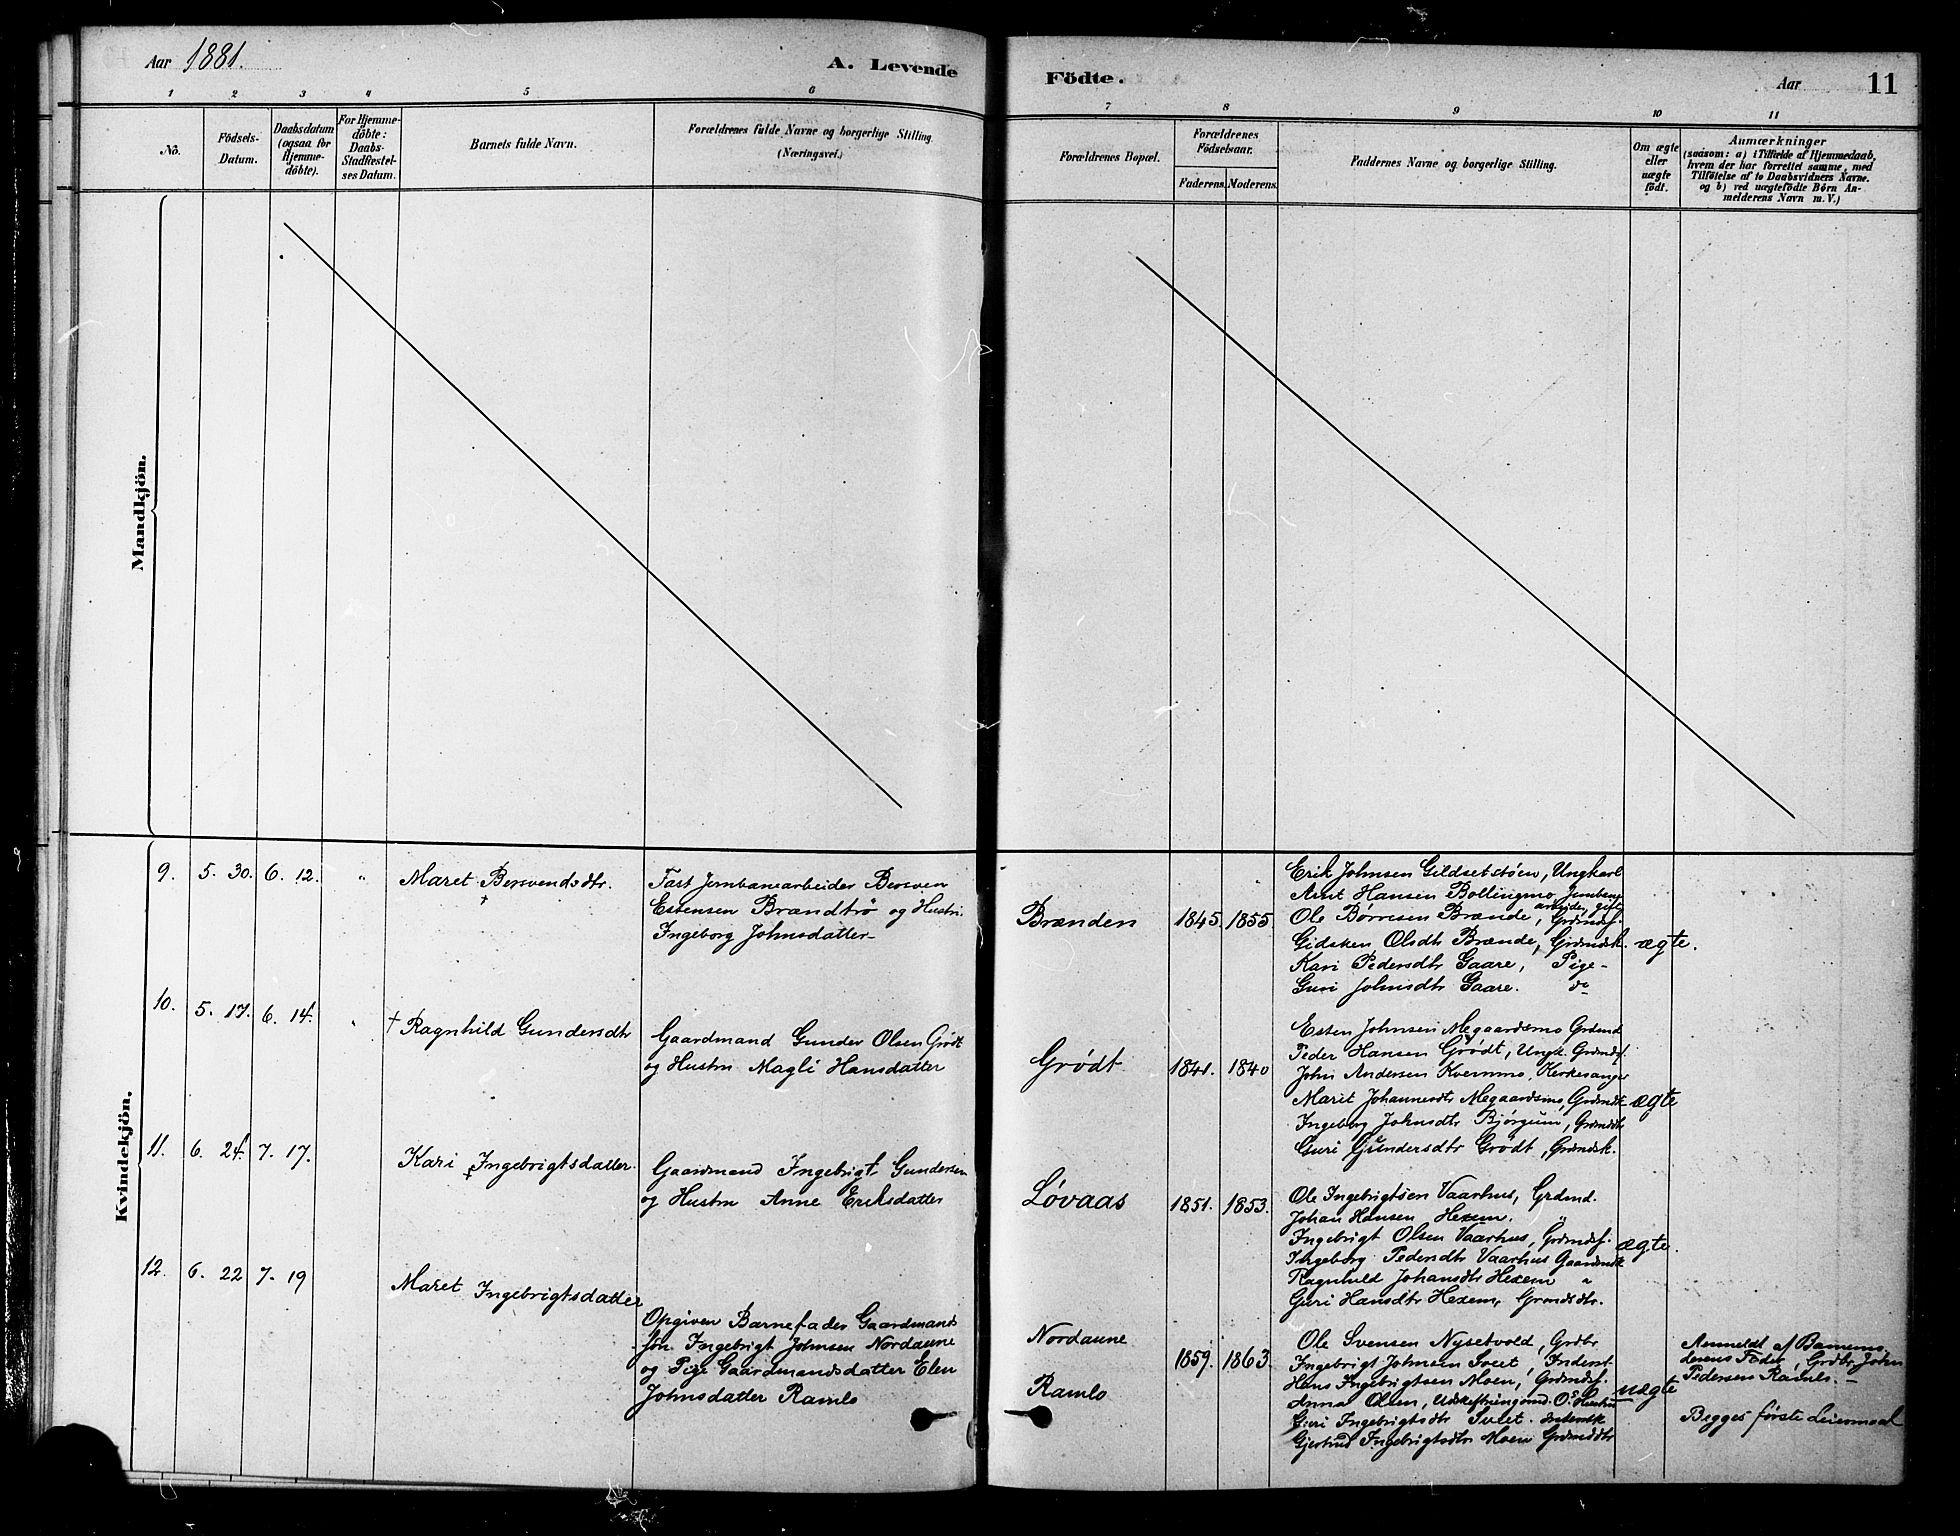 SAT, Ministerialprotokoller, klokkerbøker og fødselsregistre - Sør-Trøndelag, 685/L0972: Ministerialbok nr. 685A09, 1879-1890, s. 11